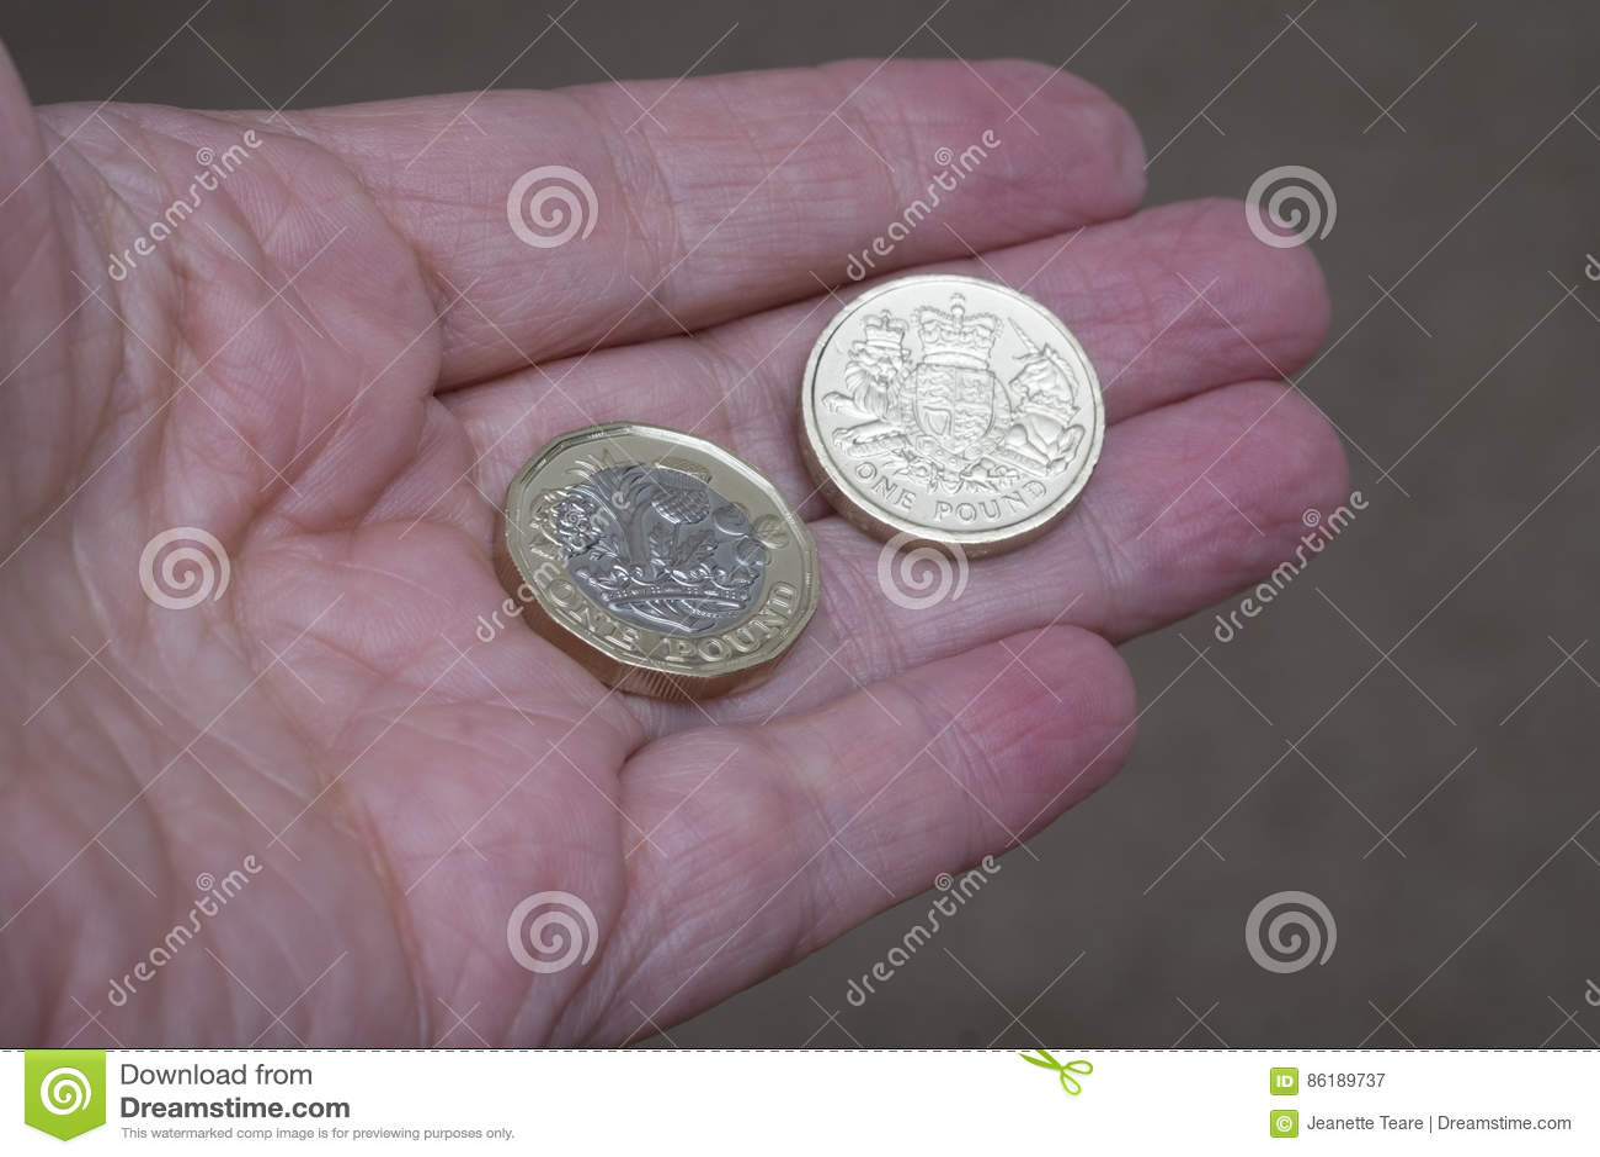 Neue Englische Pfundmünze Mit Altem Design In Der Hand